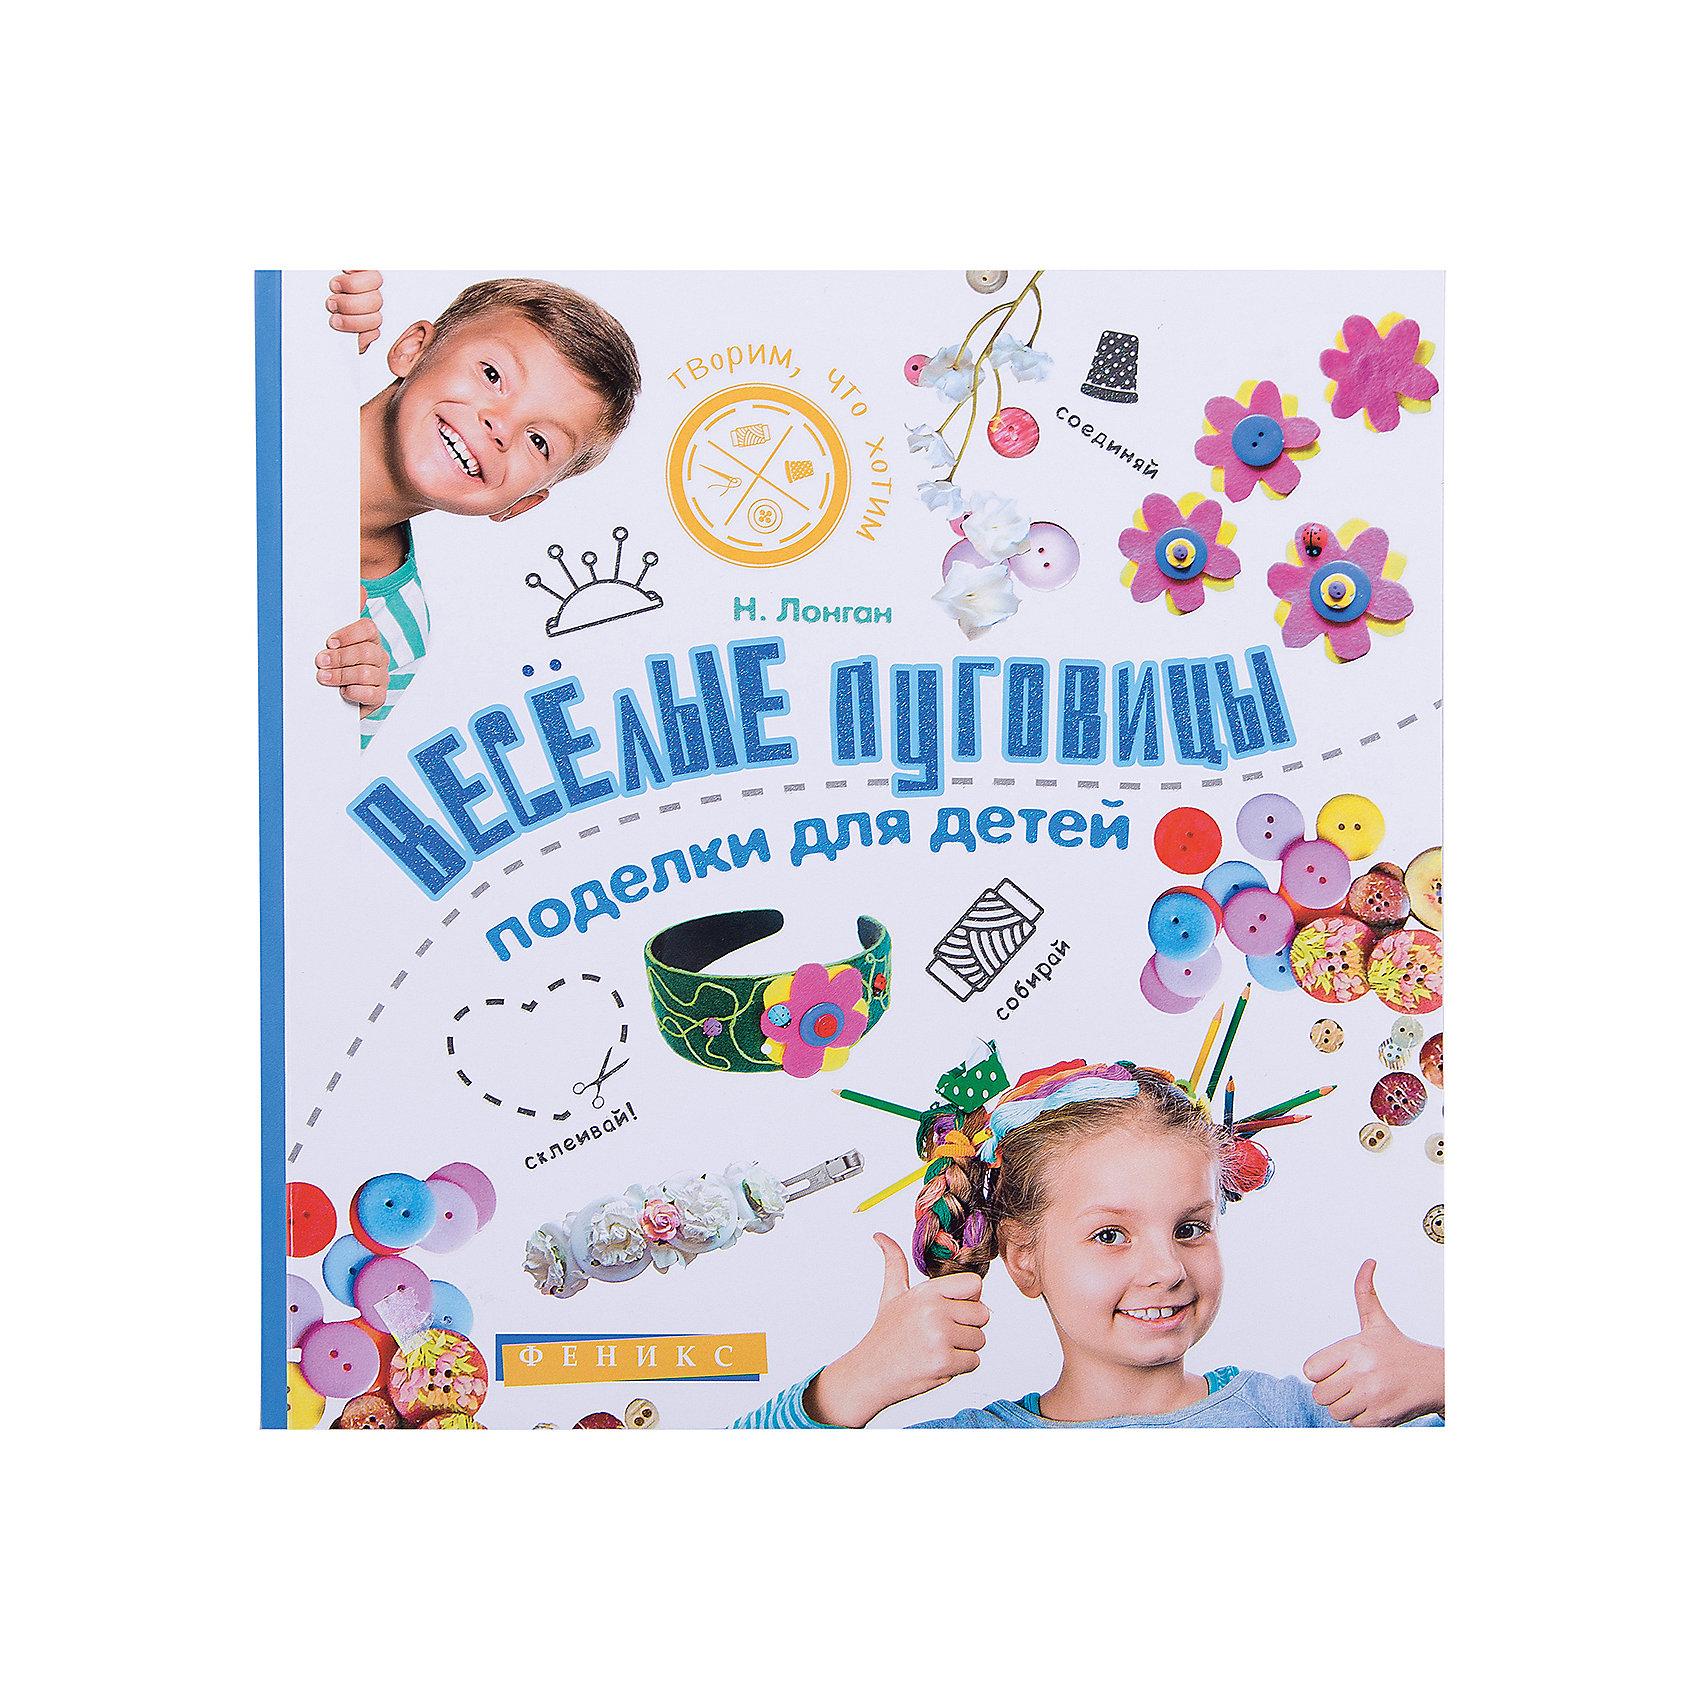 Книга Веселые пуговицы: поделки для детейРаскраски по номерам<br>Характеристики товара:<br><br>• ISBN 9785222270684<br>• возраст от 6 лет<br>• формат 237х239 мм<br>• серия «Творим, что хотим»<br>• издательство Феникс<br>• автор Лонган Н.<br>• иллюстрации: цветные<br>• переплет: мягкий<br>• количество страниц 63<br>• год выпуска 2016<br>• размер 23,7х23,9х0,5 см<br><br>Книга «Веселые пуговицы: поделки для детей» расскажет, как создавать разнообразные поделки, картины, открытки, игрушки с помощью старых пуговиц. В процессе создания поделок у детей развиваются мелкая моторика рук, усидчивость, внимательность и аккуратность.<br><br>Книгу «Веселые пуговицы: поделки для детей» можно приобрести в нашем интернет-магазине.<br><br>Ширина мм: 50<br>Глубина мм: 239<br>Высота мм: 237<br>Вес г: 249<br>Возраст от месяцев: 72<br>Возраст до месяцев: 2147483647<br>Пол: Унисекс<br>Возраст: Детский<br>SKU: 5500987